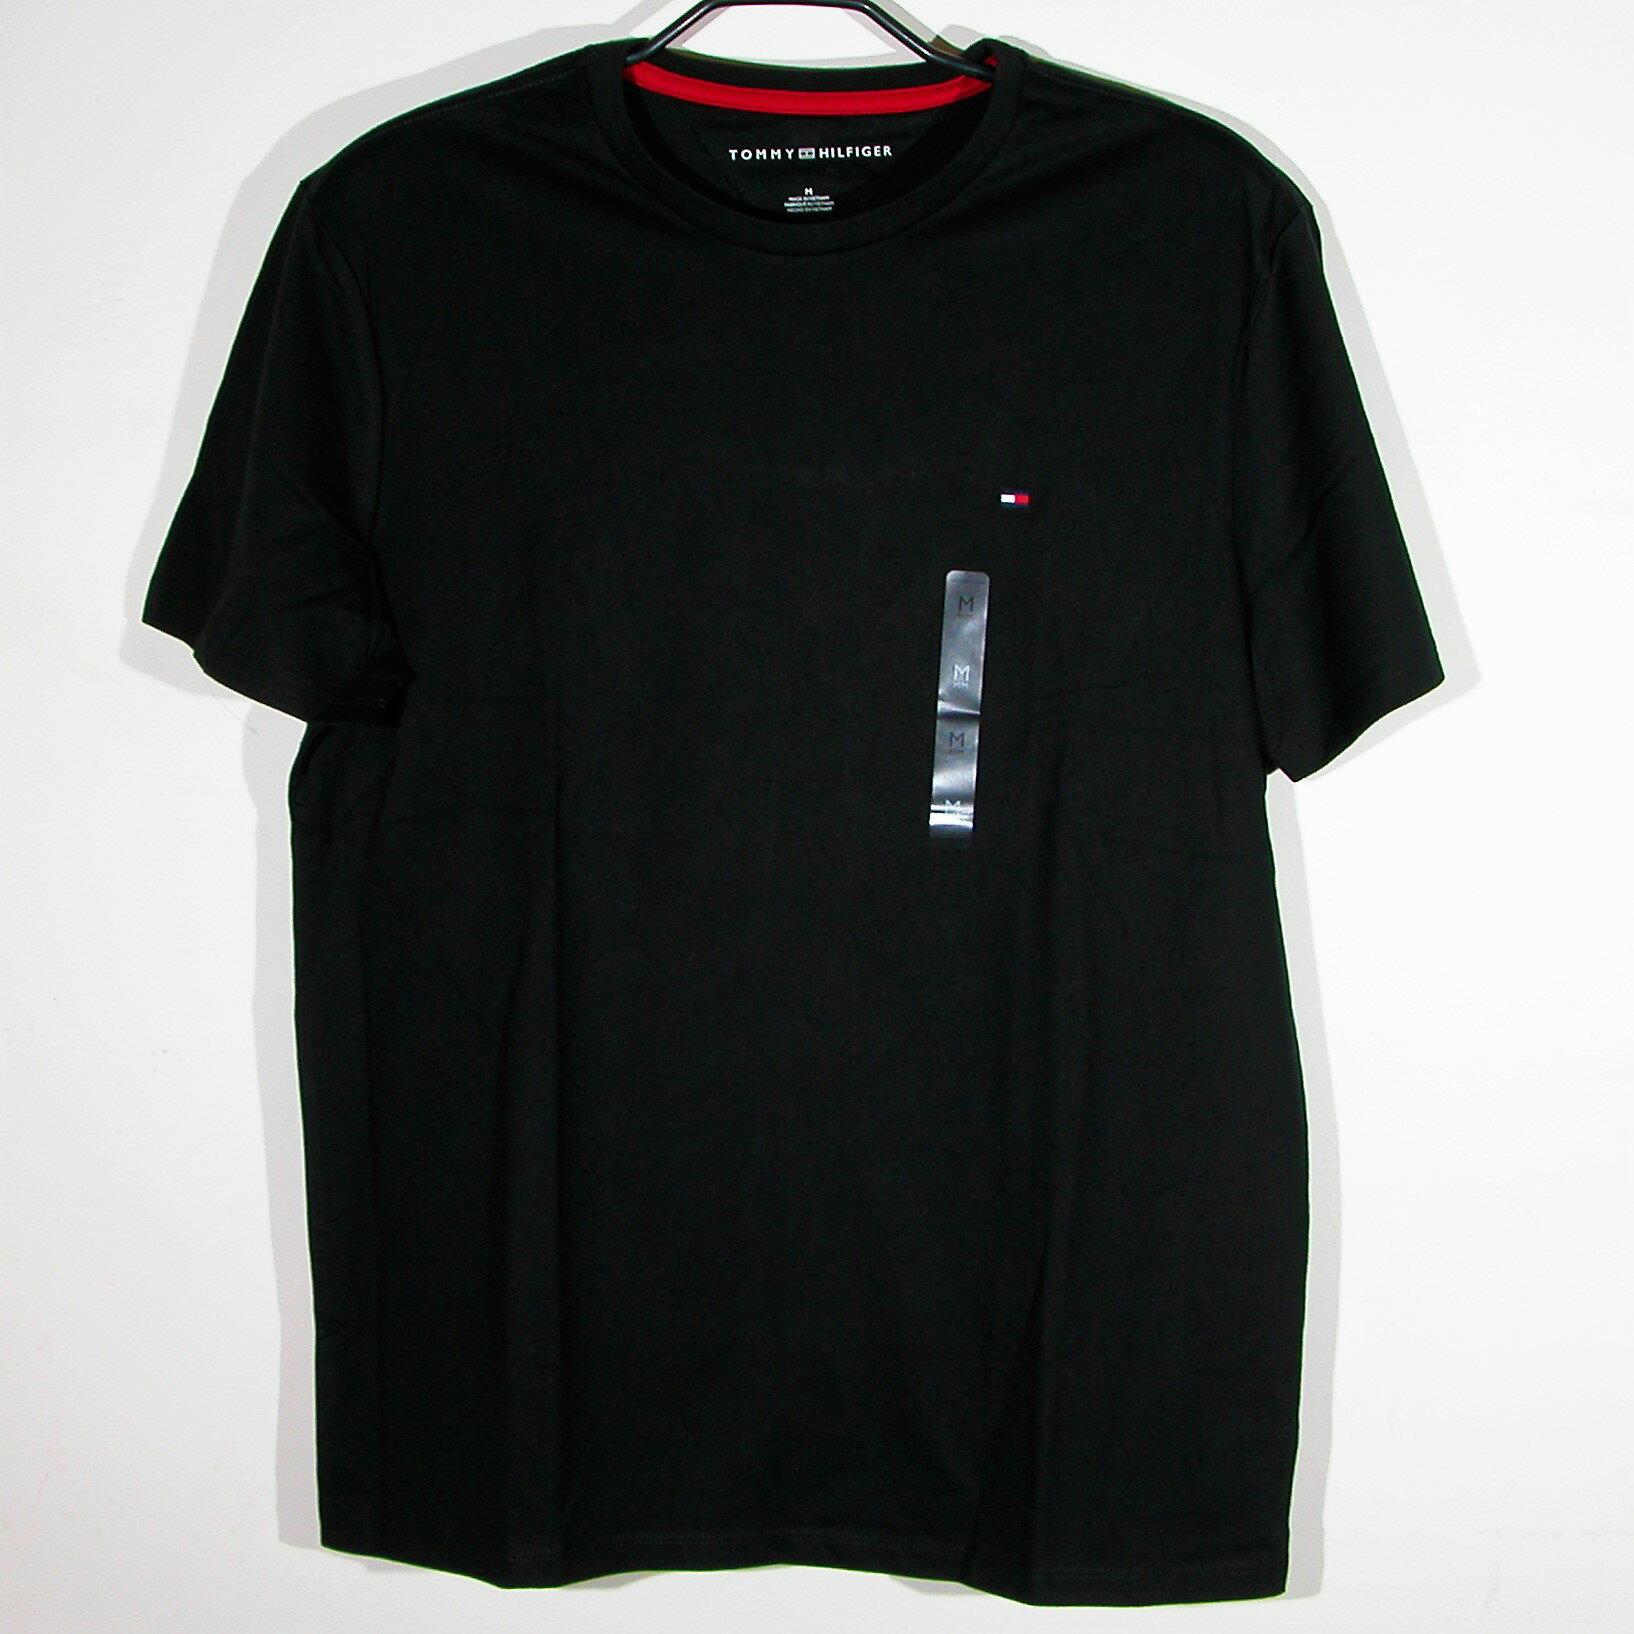 TOMMY圓領衫,全新美國公司貨 【119 小鋪】